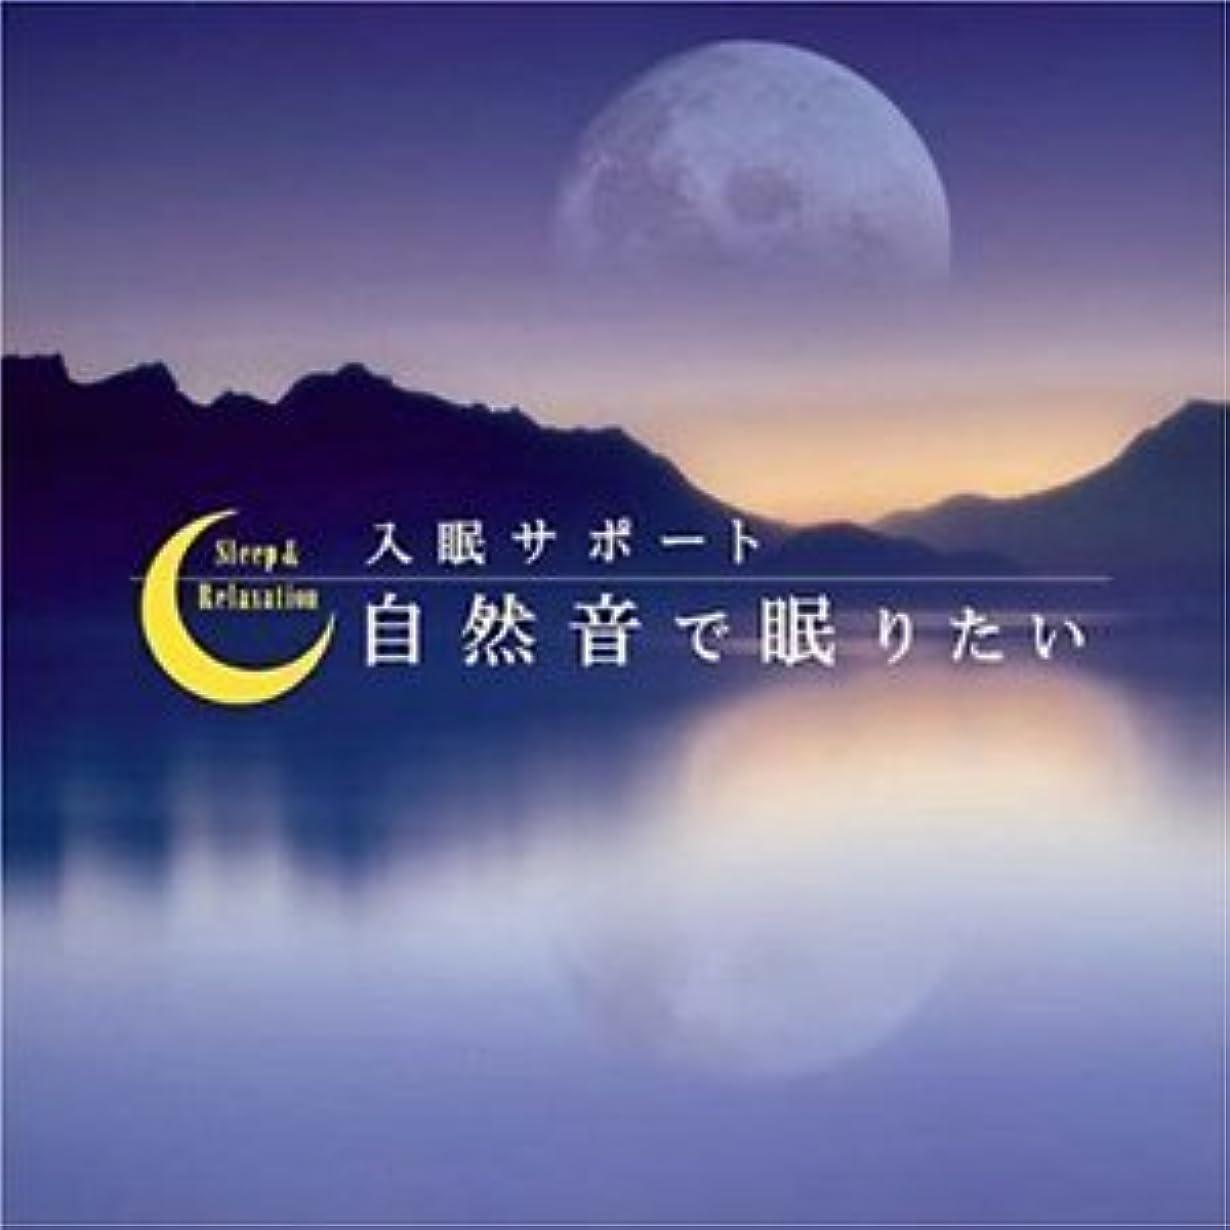 乗り出すまぶしさ樫の木【メディカルブック】 リラクゼーションCD 自然音で眠りたい(60分) (SI-407L)